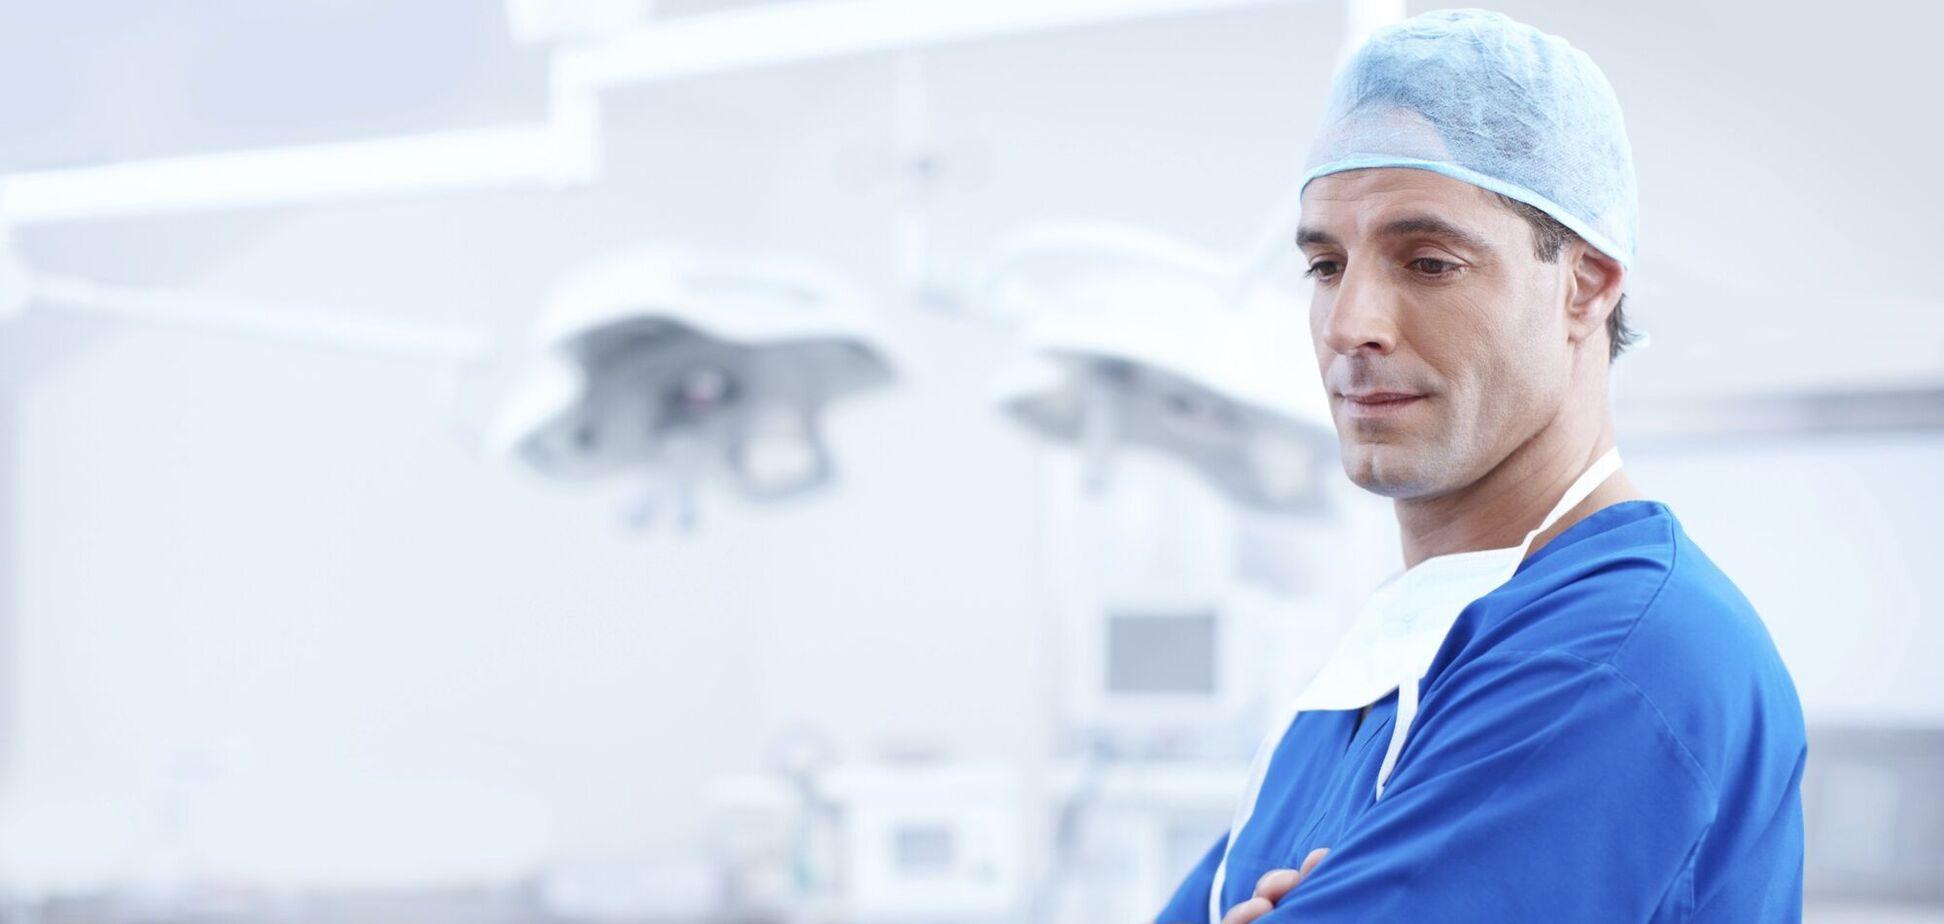 Всемирный день анестезиолога отмечается 16 октября